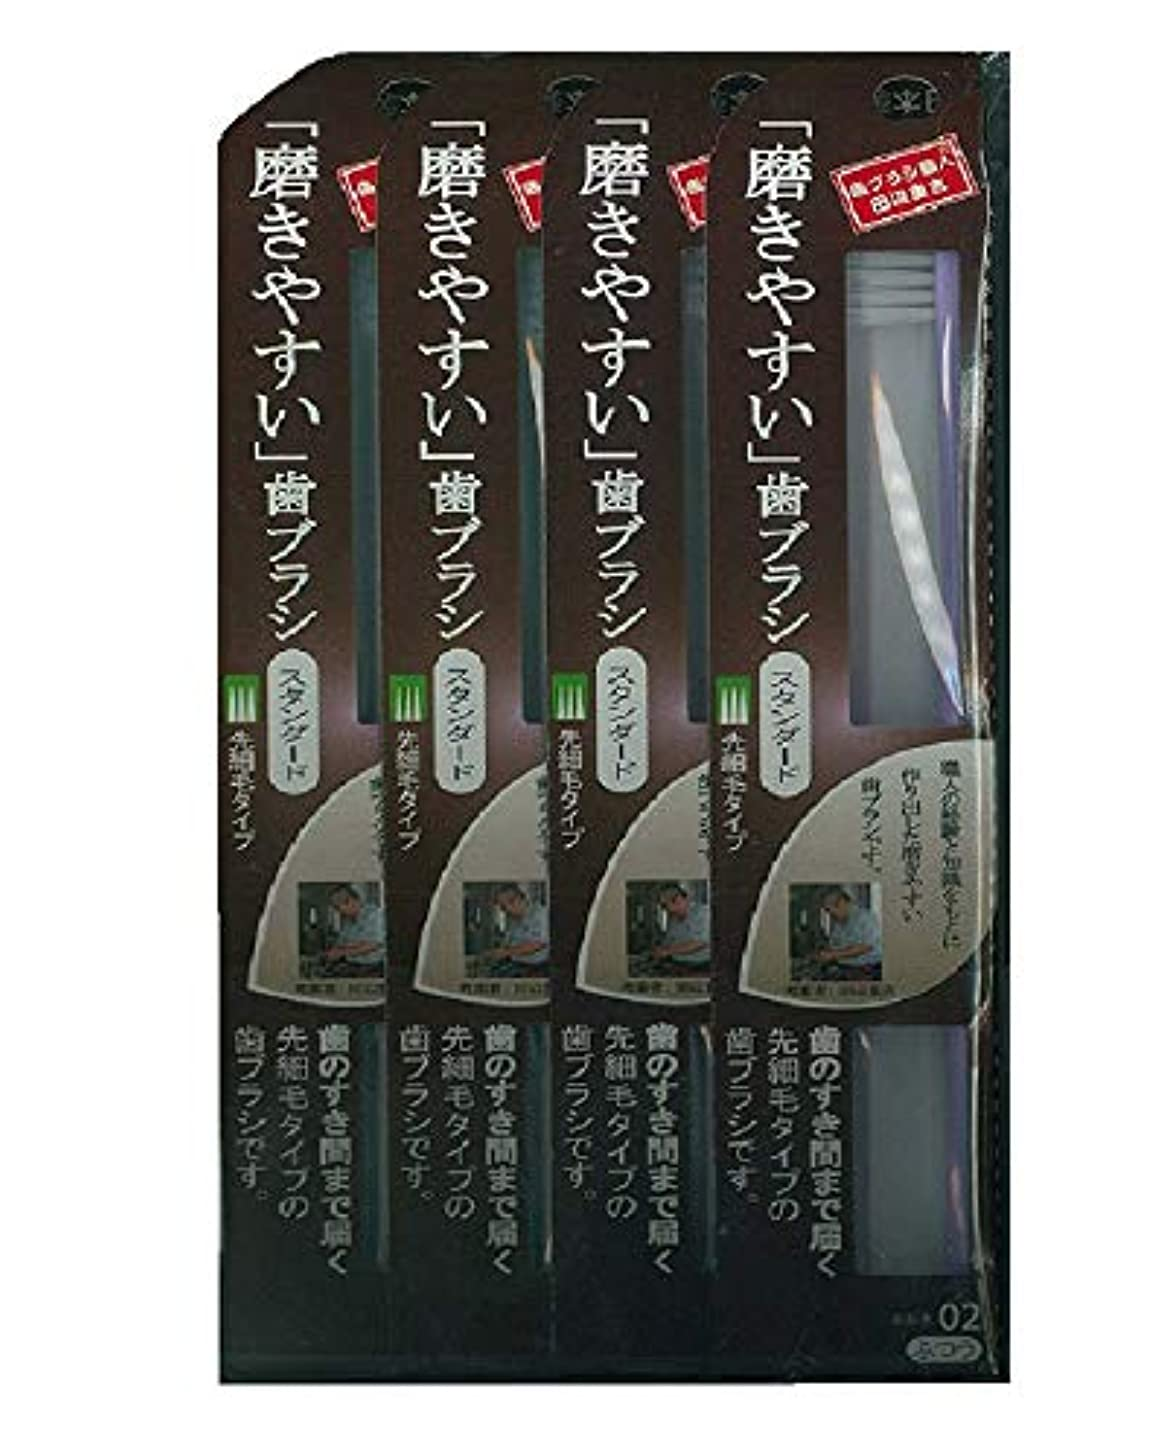 代替指令祝福歯ブラシ職人 田辺重吉 磨きやすい歯ブラシ スタンダード 先細毛タイプ LT-02(1本×4個セット)